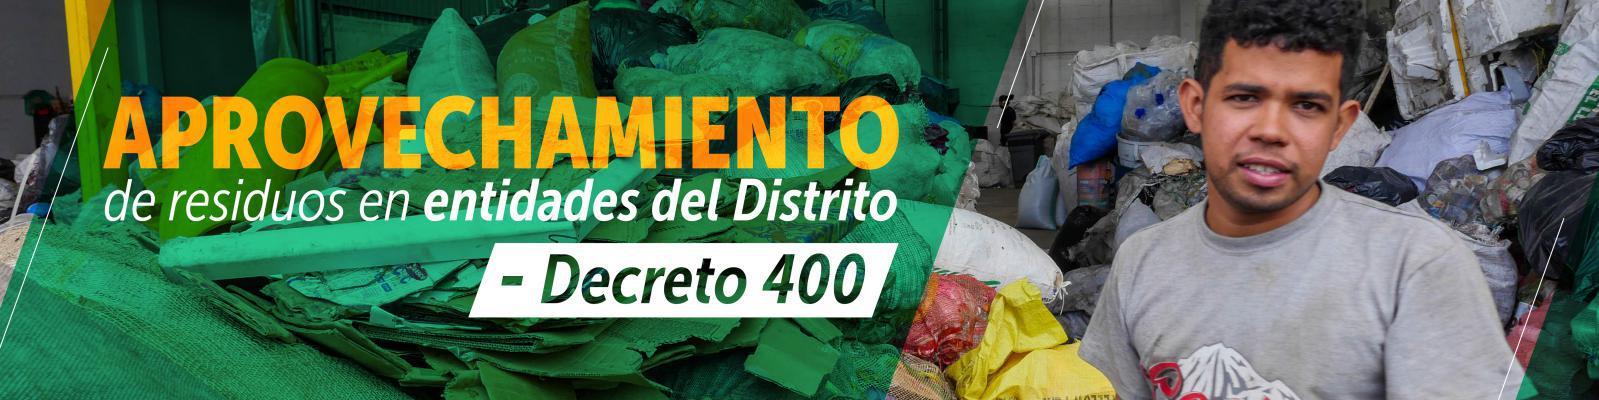 Aprovechamiento de residuos en entidades del Distrito Decreto 400